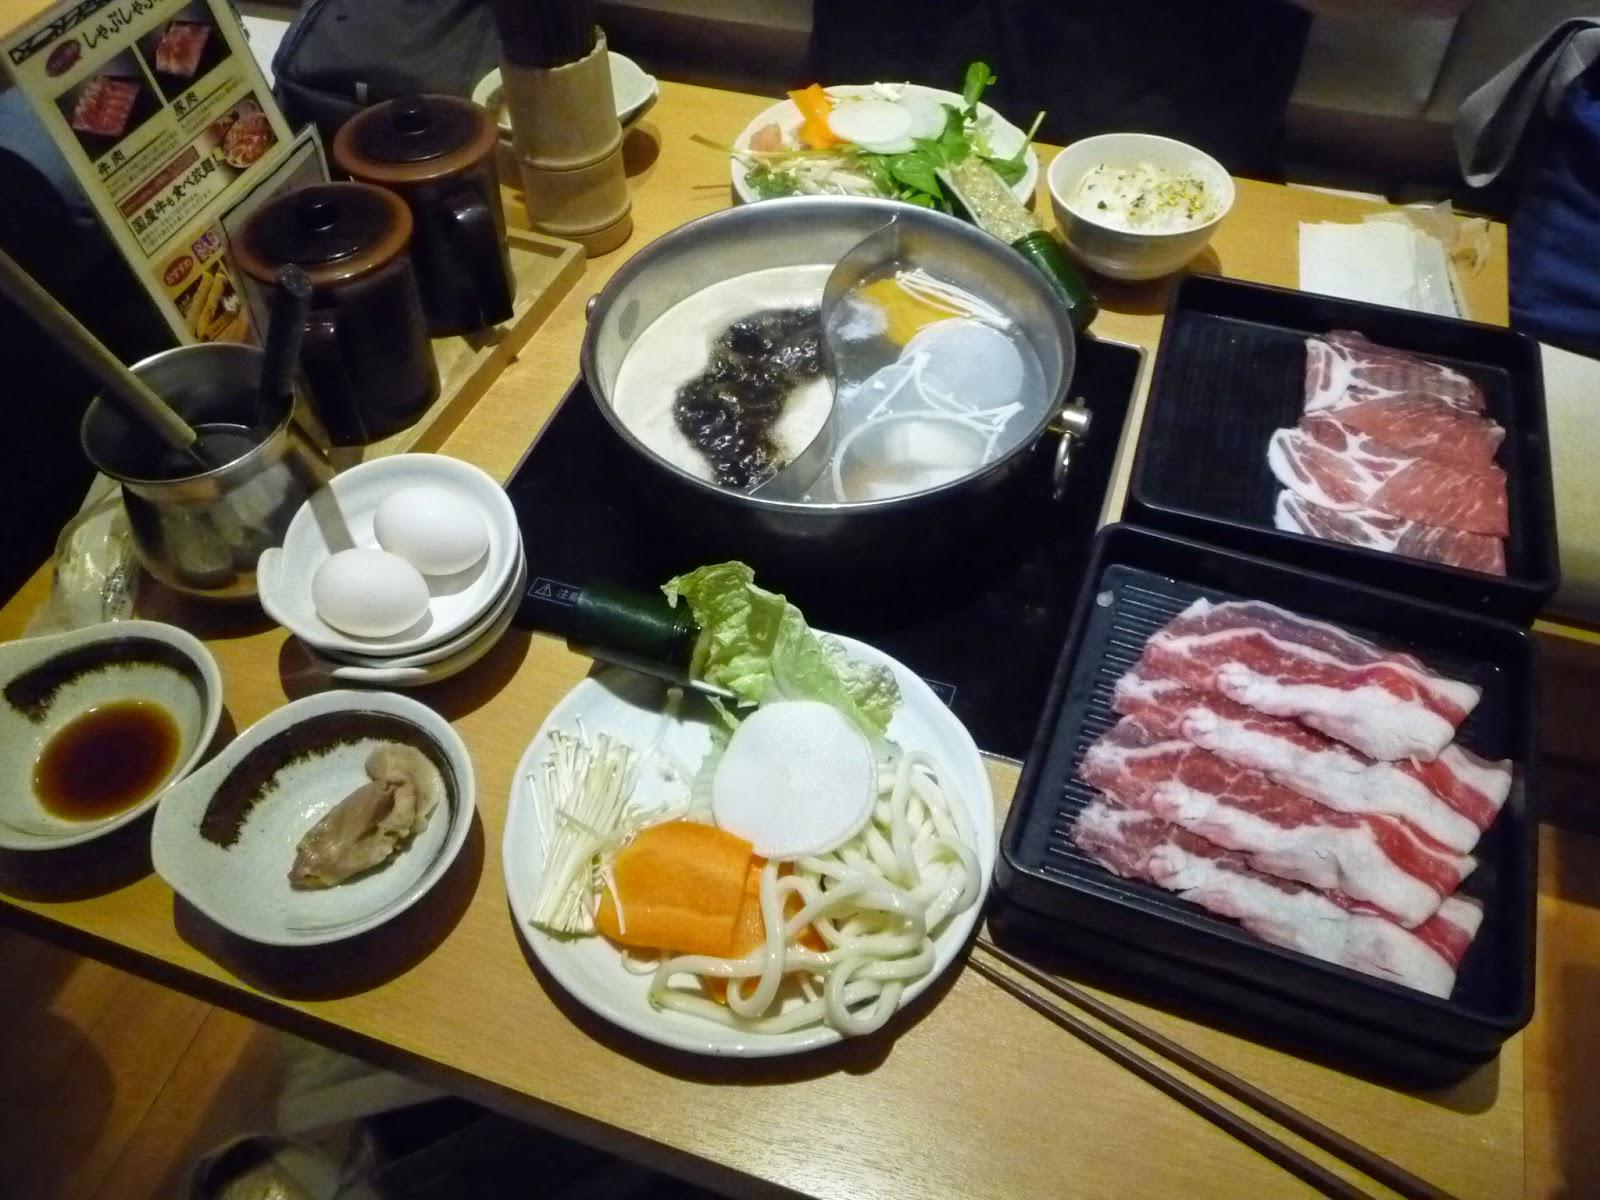 Murasaki no sekai cuisine japonaise 2 quelques plats for Apprendre la cuisine japonaise